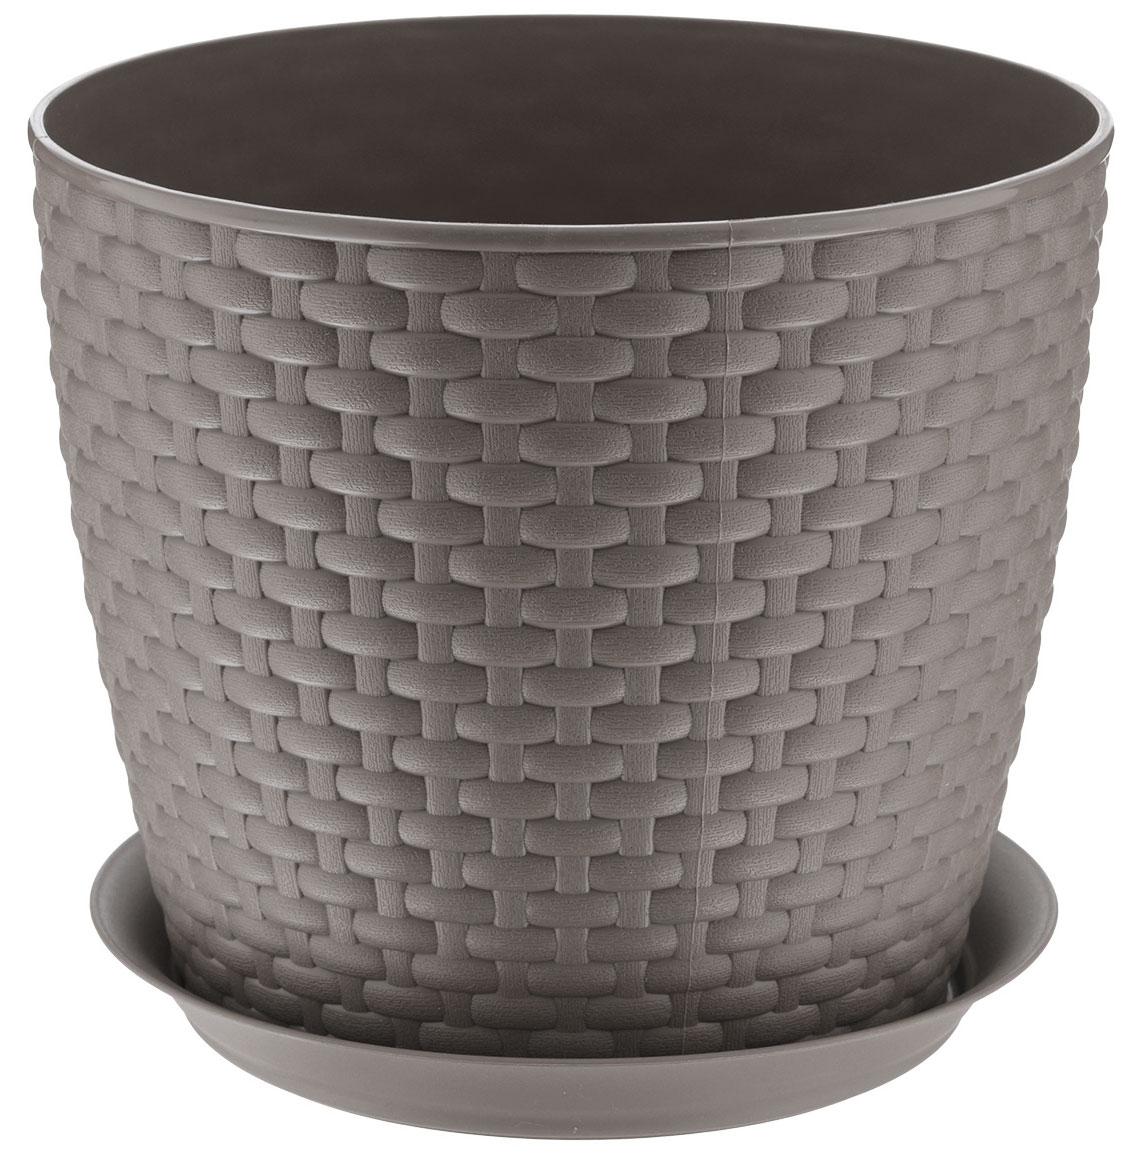 Кашпо Idea Ротанг, с поддоном, цвет: коричневый, 1 лING1559РЗПЕРЛКашпо Idea Ротанг изготовлено из высококачественного пластика. Специальный поддон предназначен для стока воды. Изделие прекрасно подходит для выращивания растений и цветов в домашних условиях. Лаконичный дизайн впишется в интерьер любого помещения. Диаметр поддона: 13 см. Объем кашпо: 1 л.Диаметр кашпо по верхнему краю: 13 см.Высота кашпо: 11,5 см.